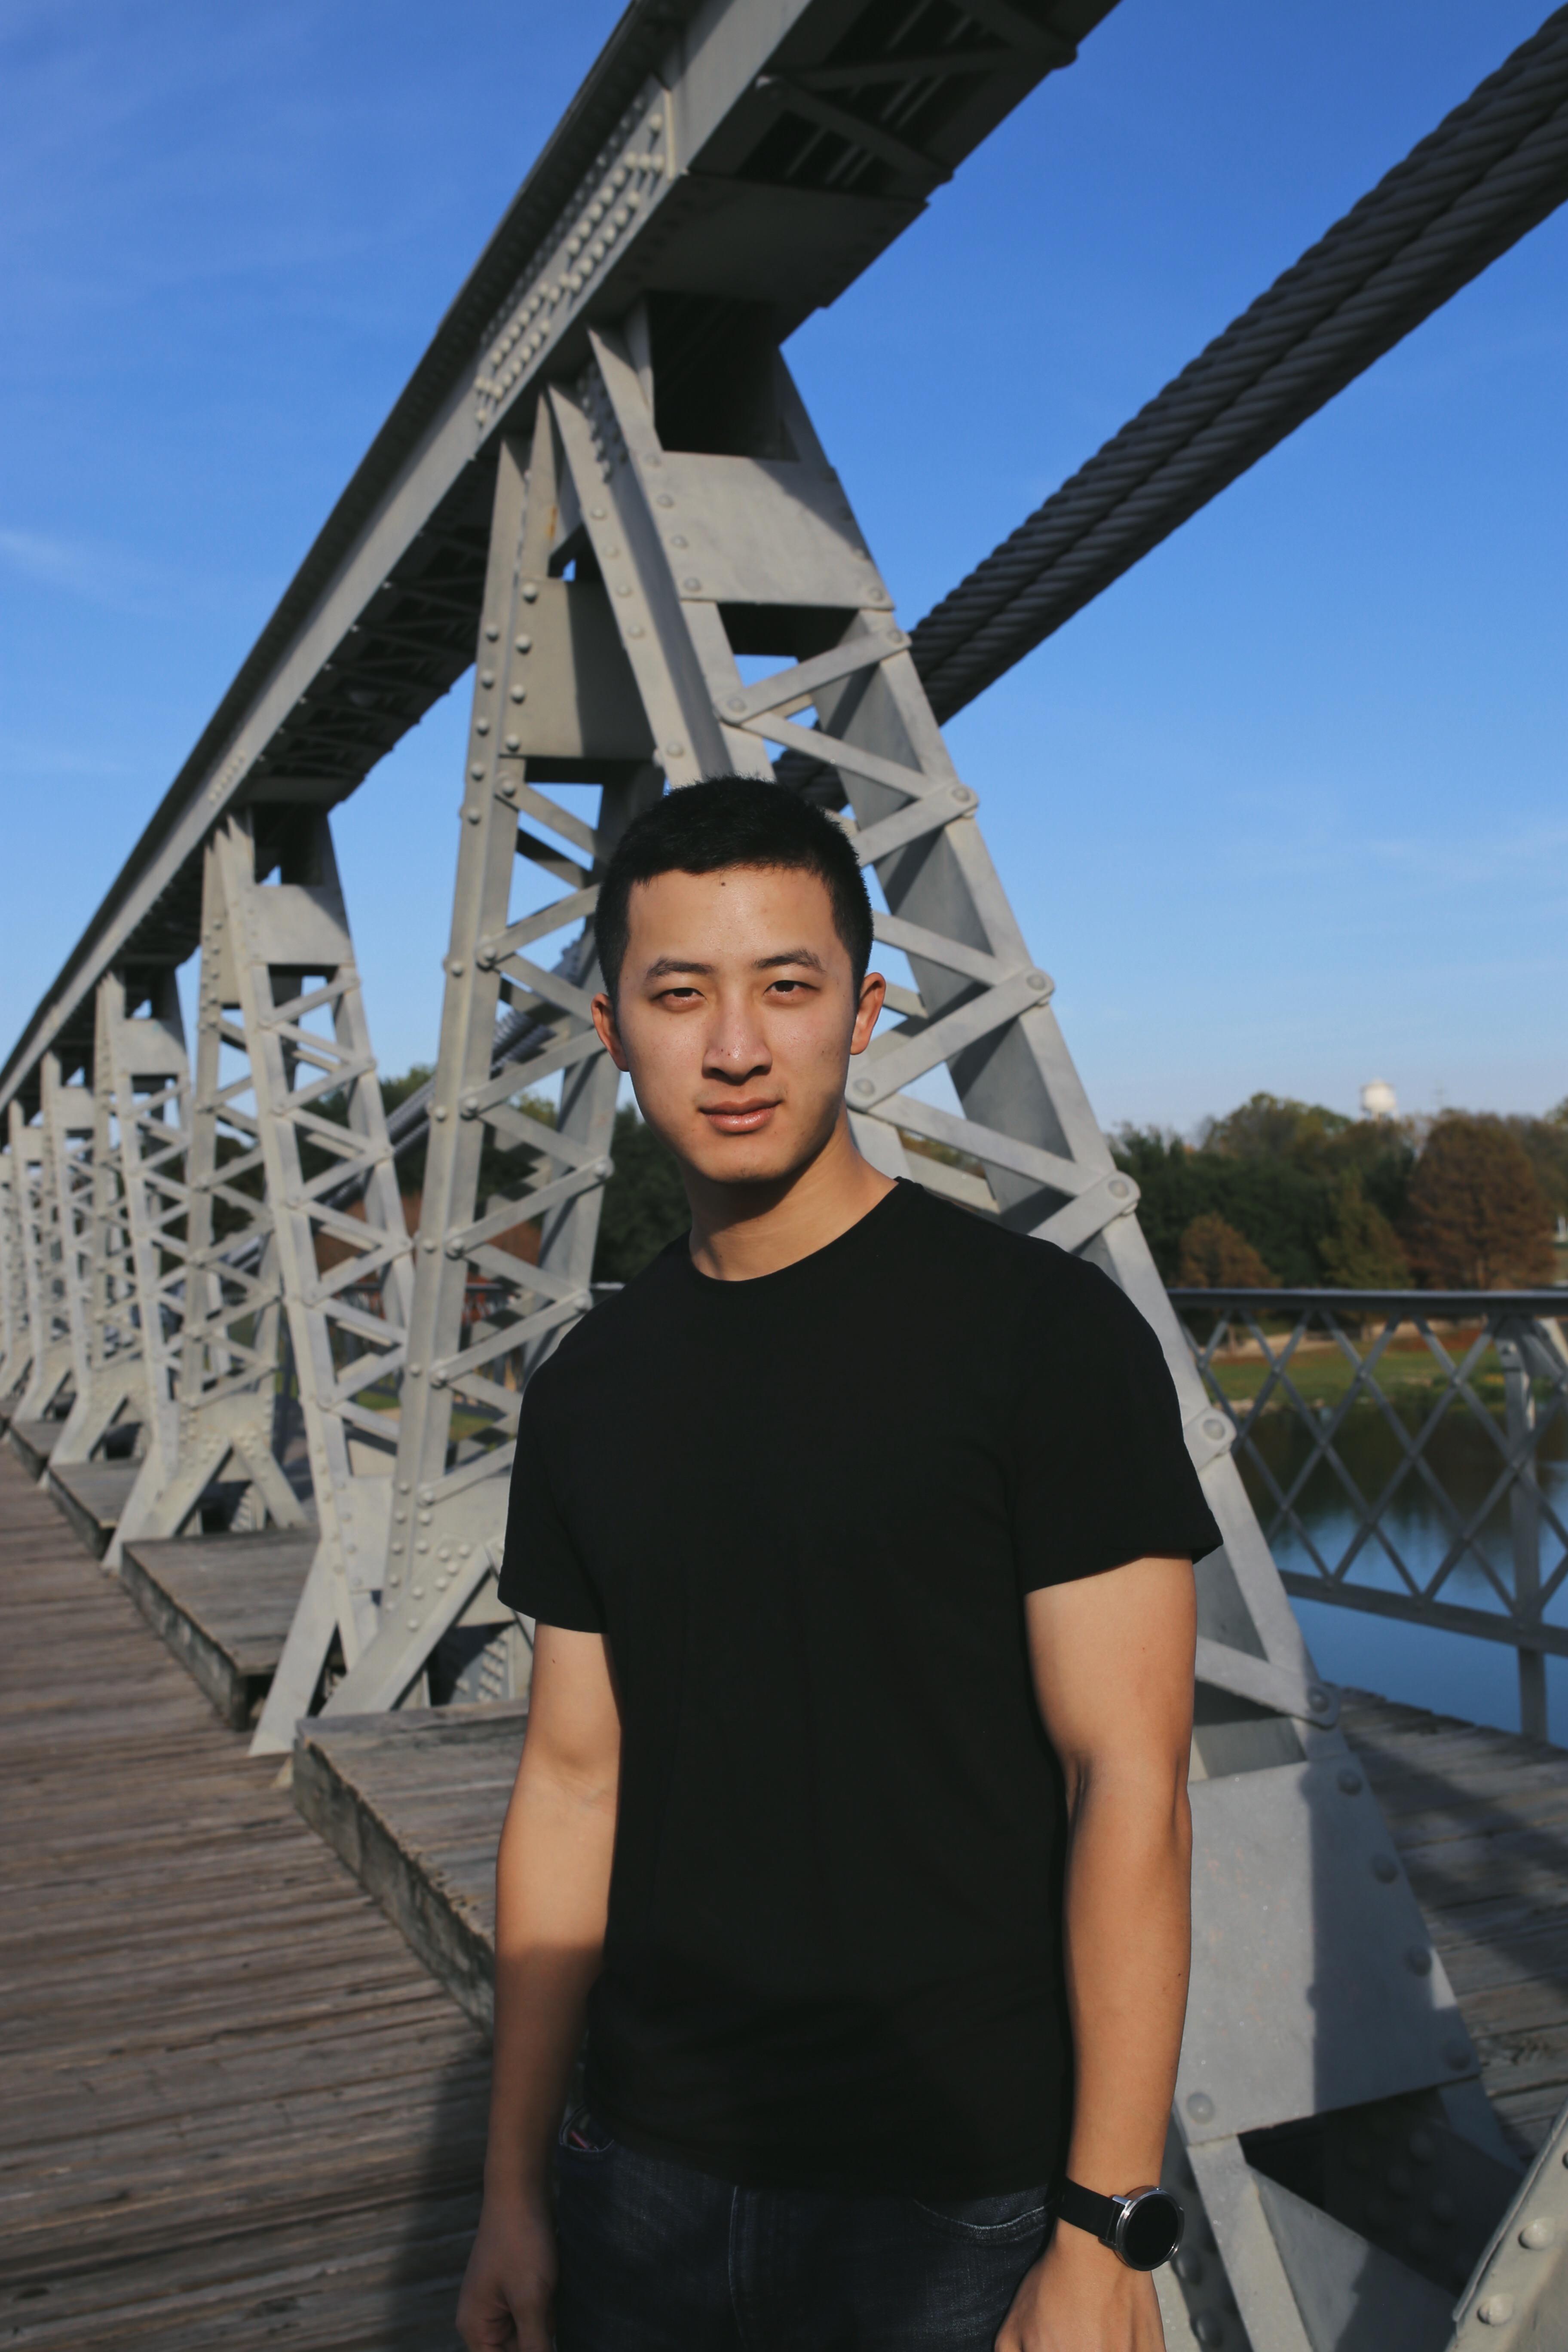 Zitian Zhou